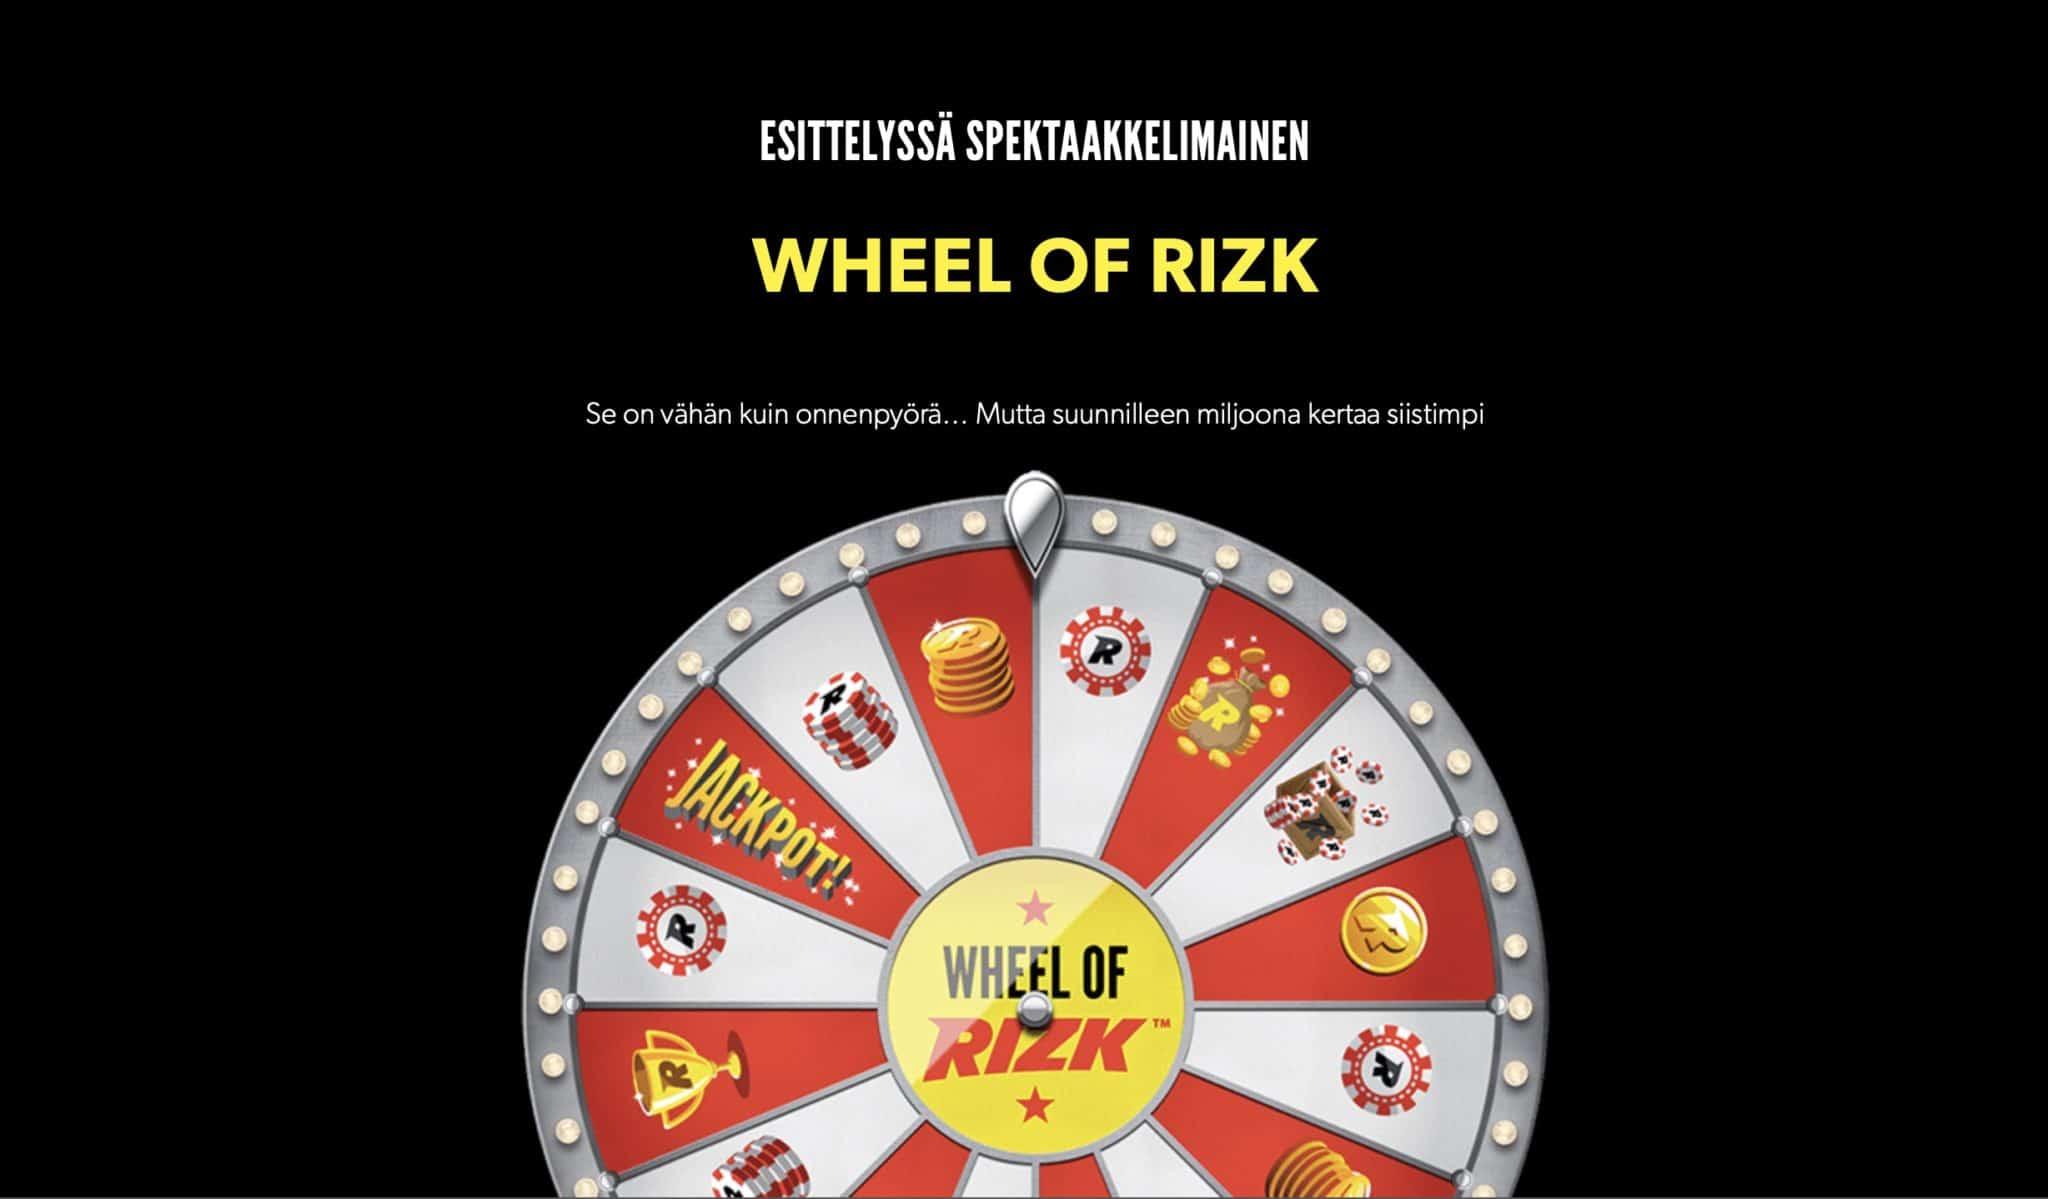 Wheel of Rizk